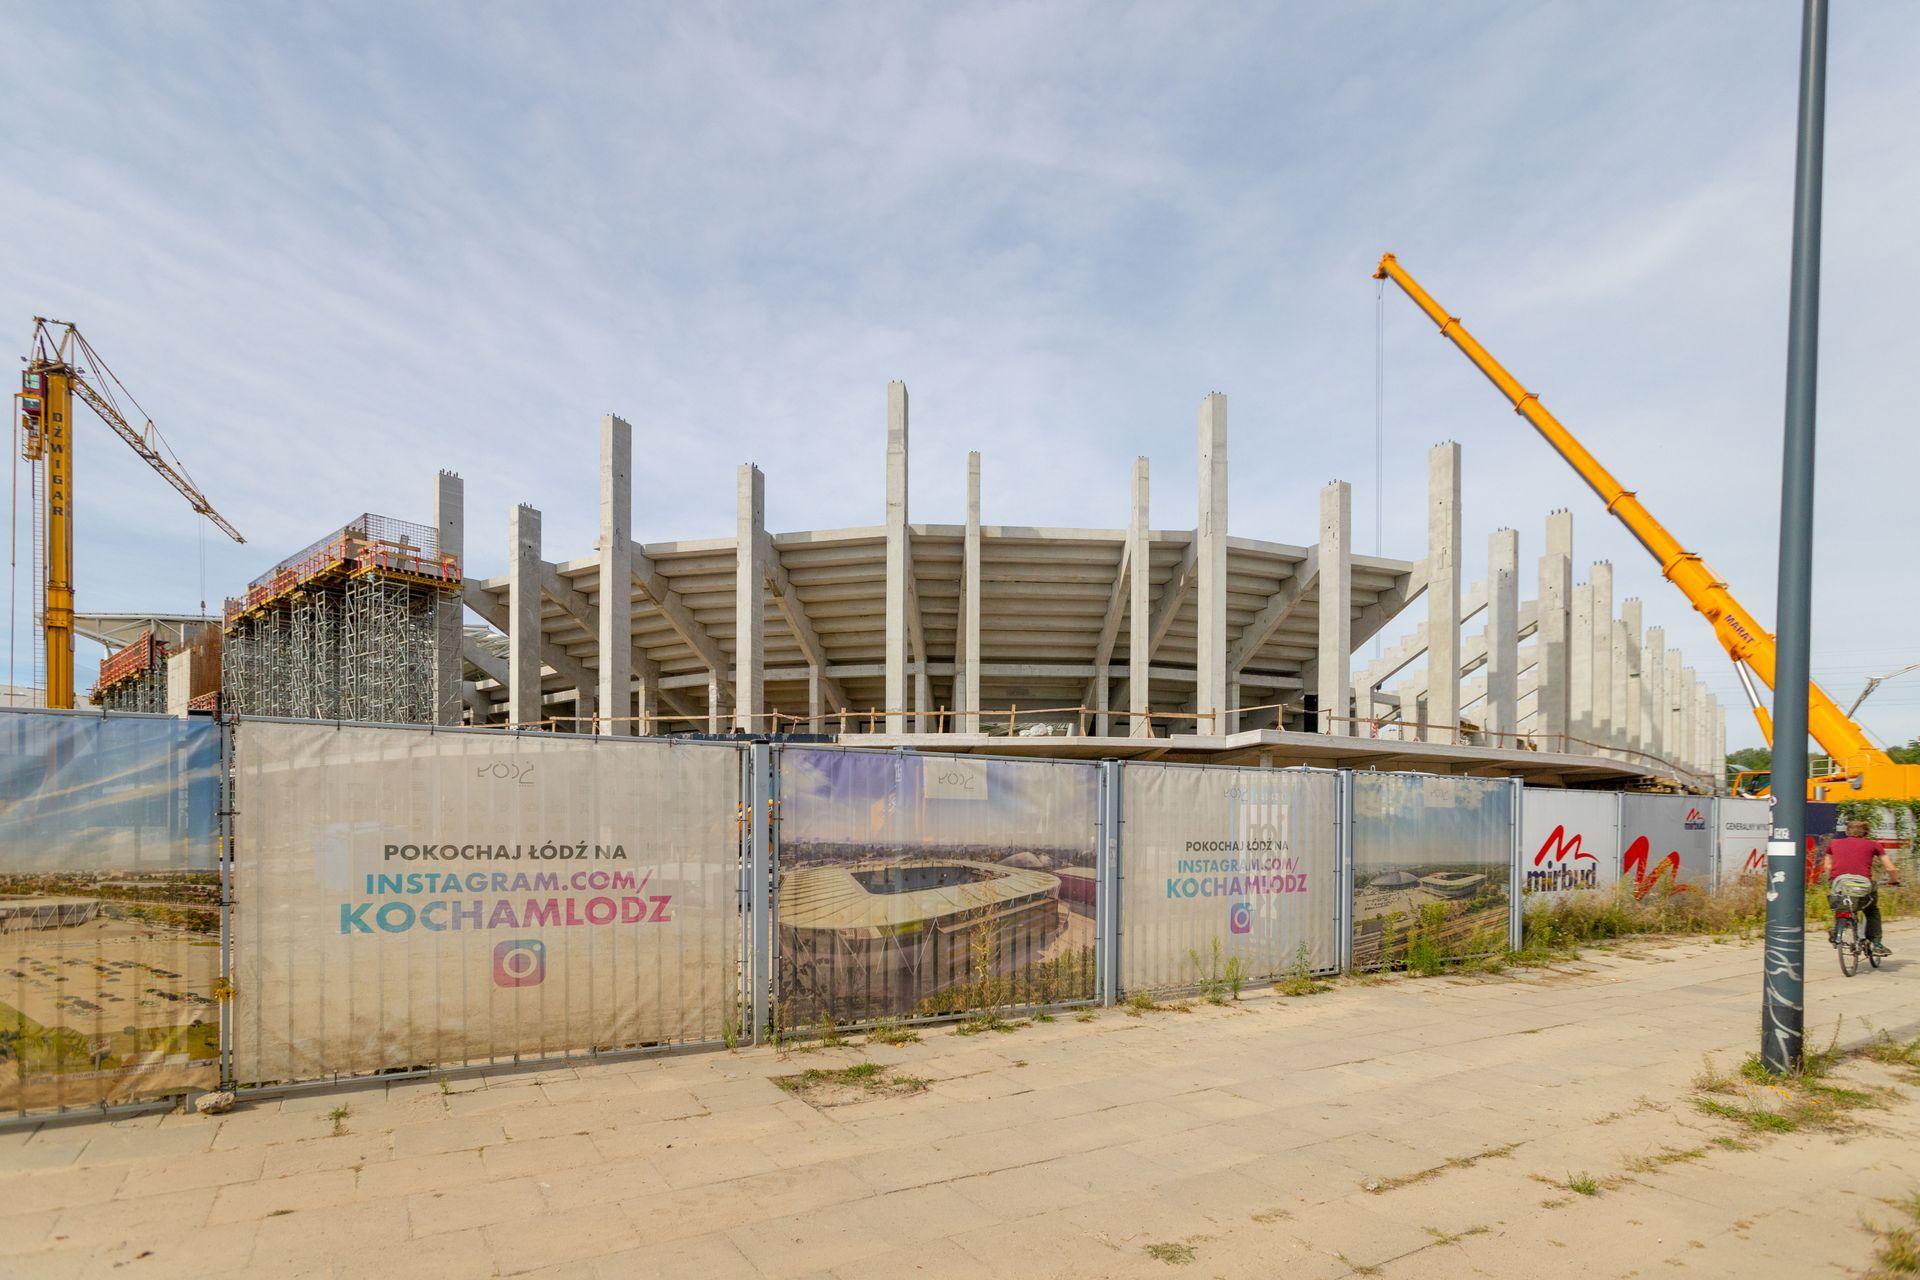 Łódź: Budowa stadionu ŁKS idzie zgodnie z planem